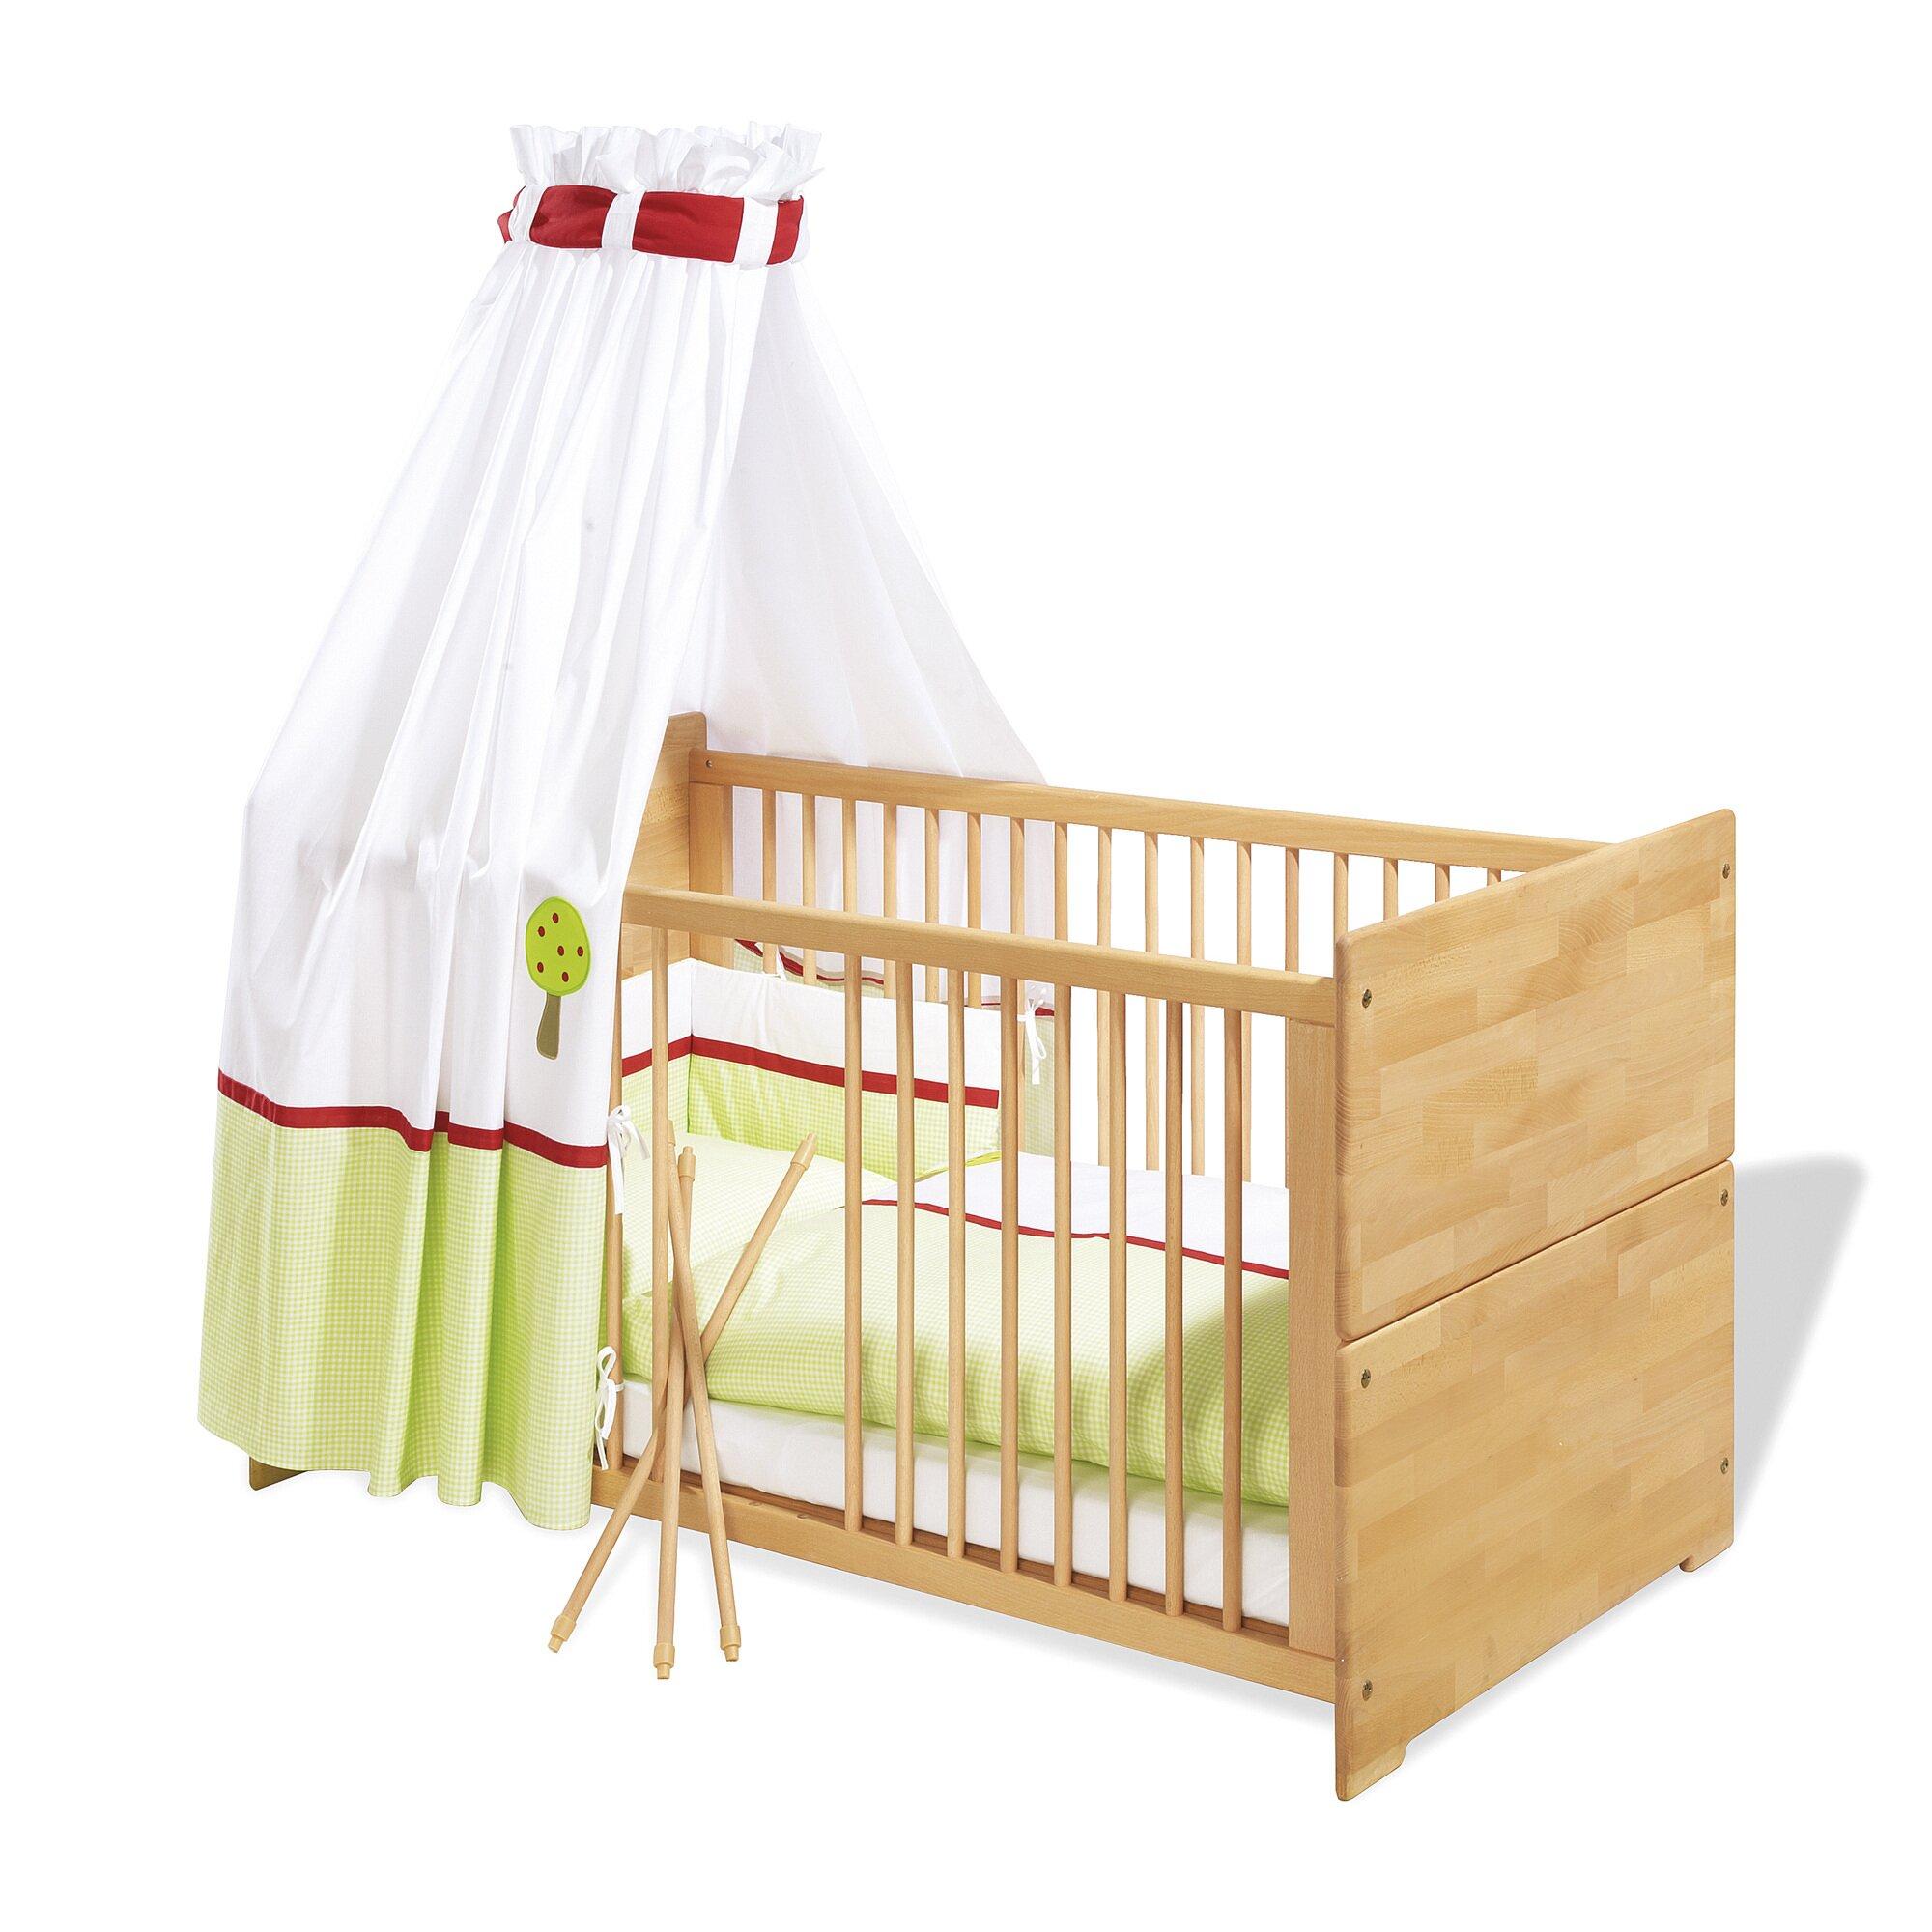 babybett natura pinolino preise vergleichen und g nstig einkaufen bei der preis. Black Bedroom Furniture Sets. Home Design Ideas